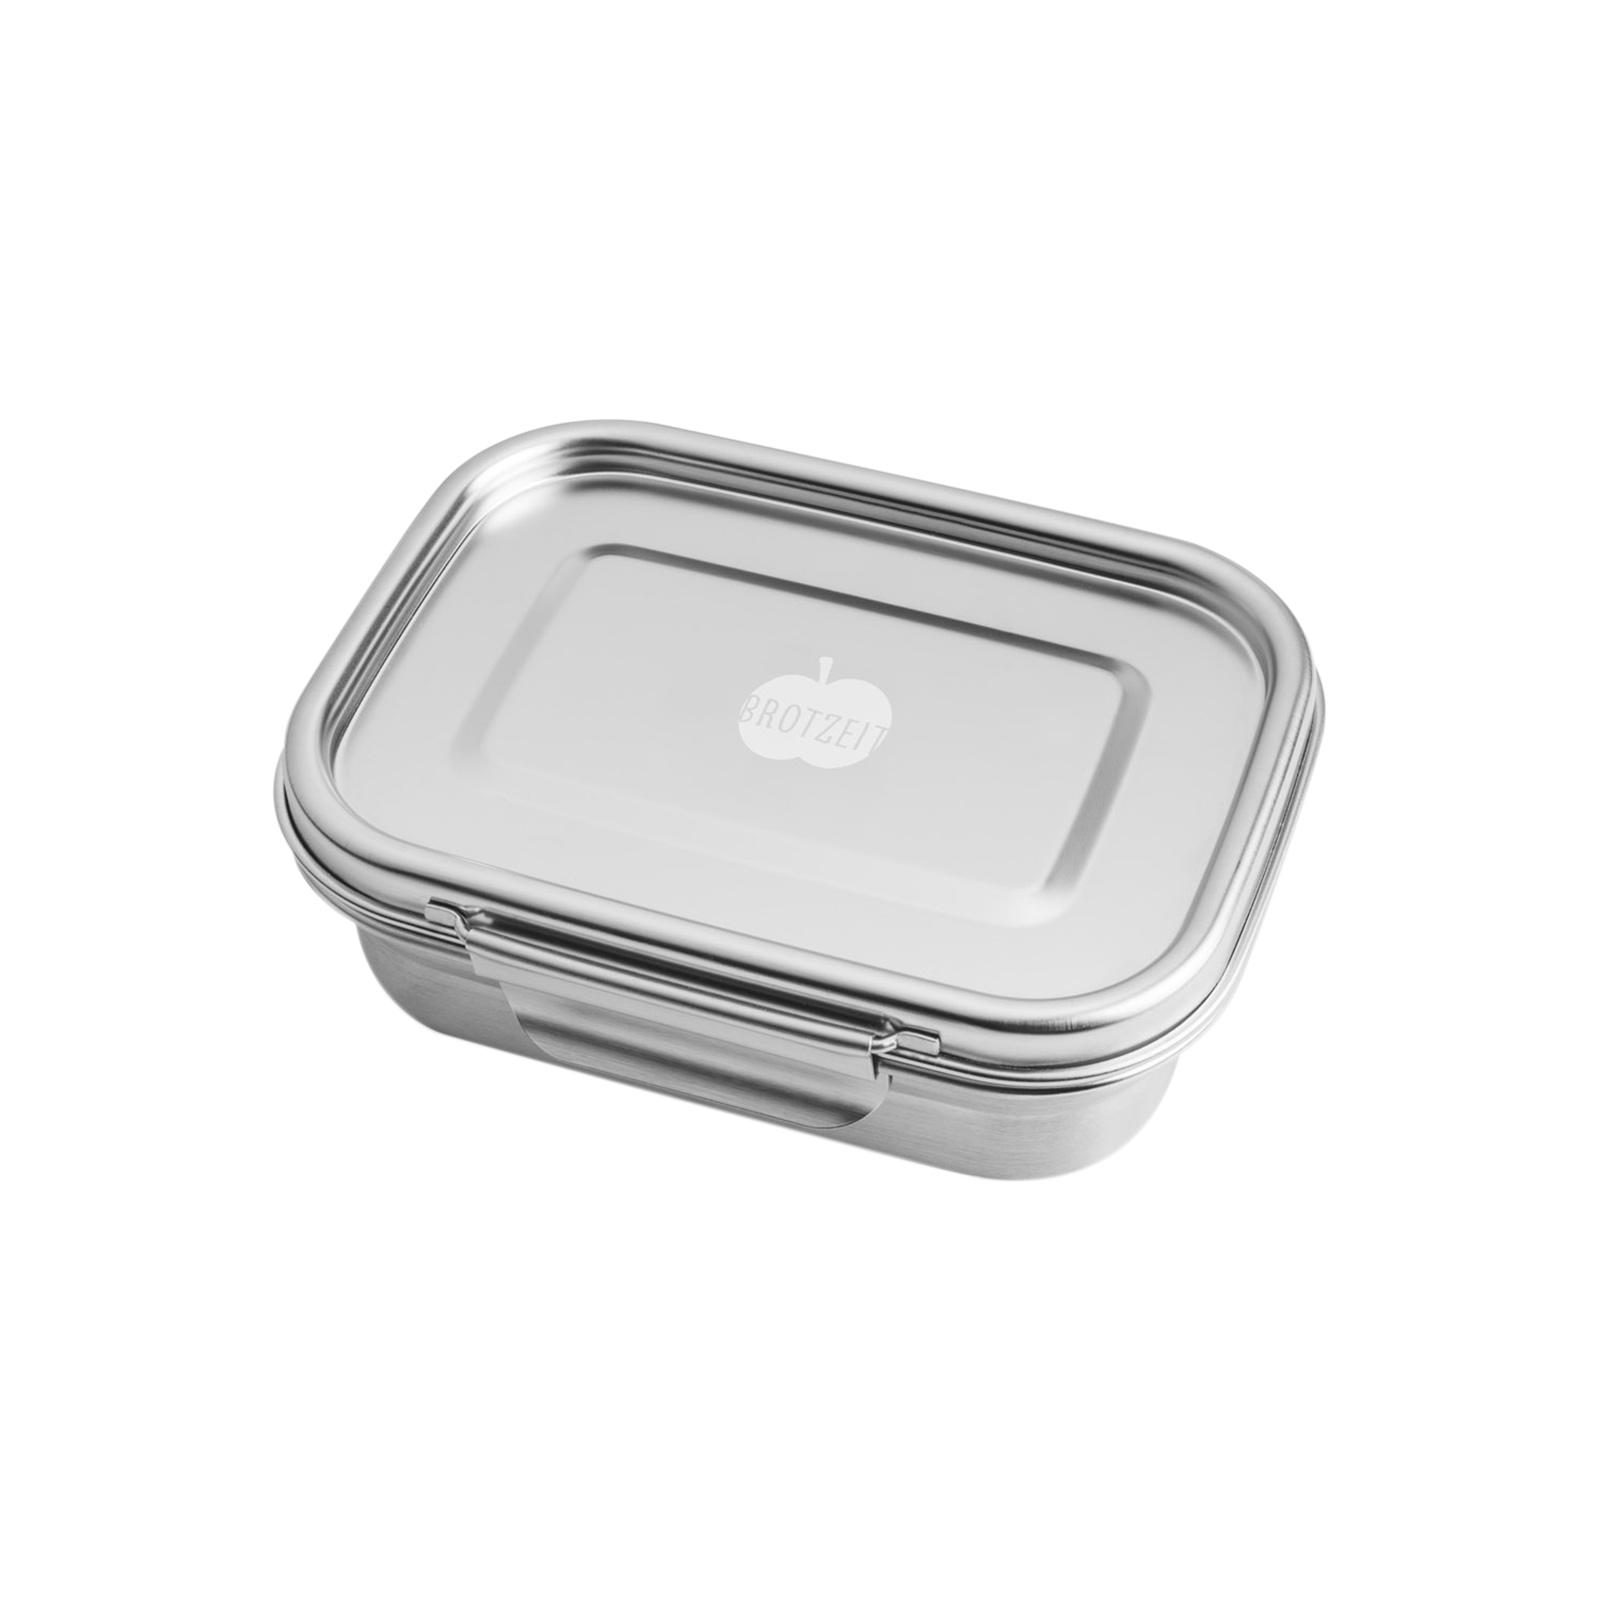 Edelstahl Brotdose, auslaufsicher, ohne Weichmacher, bleifrei